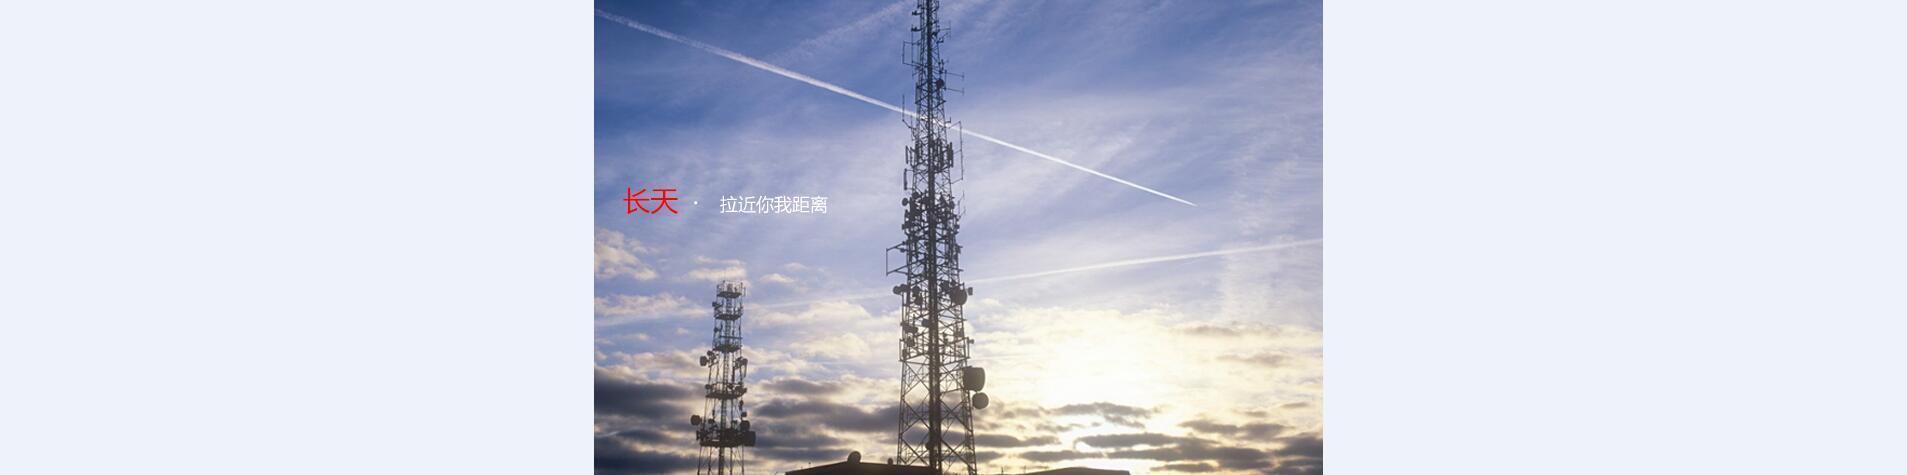 湖北长天通信科技有限公司